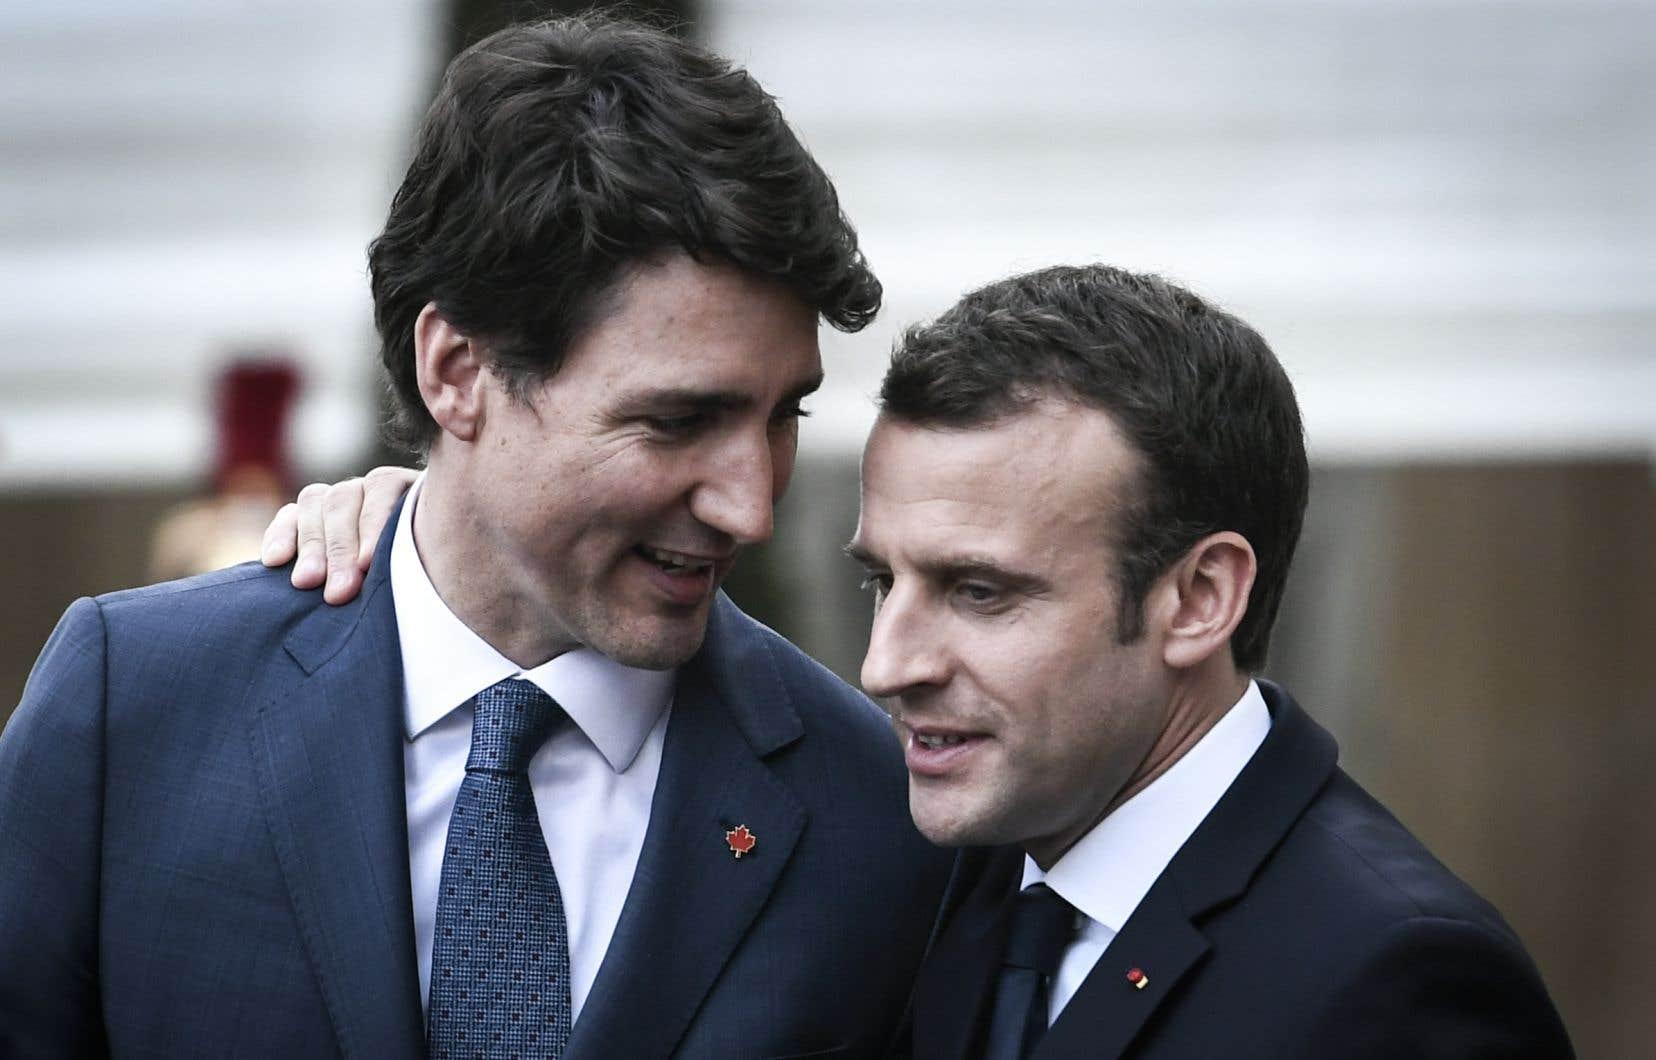 Justin Trudeau et Emmanuel Macron ont pour point commun d'avoir tenté, en vain, d'amadouer Donald Trump pour le convaincre de renoncer à son projet de taxes sur les importations d'acier et d'aluminium.